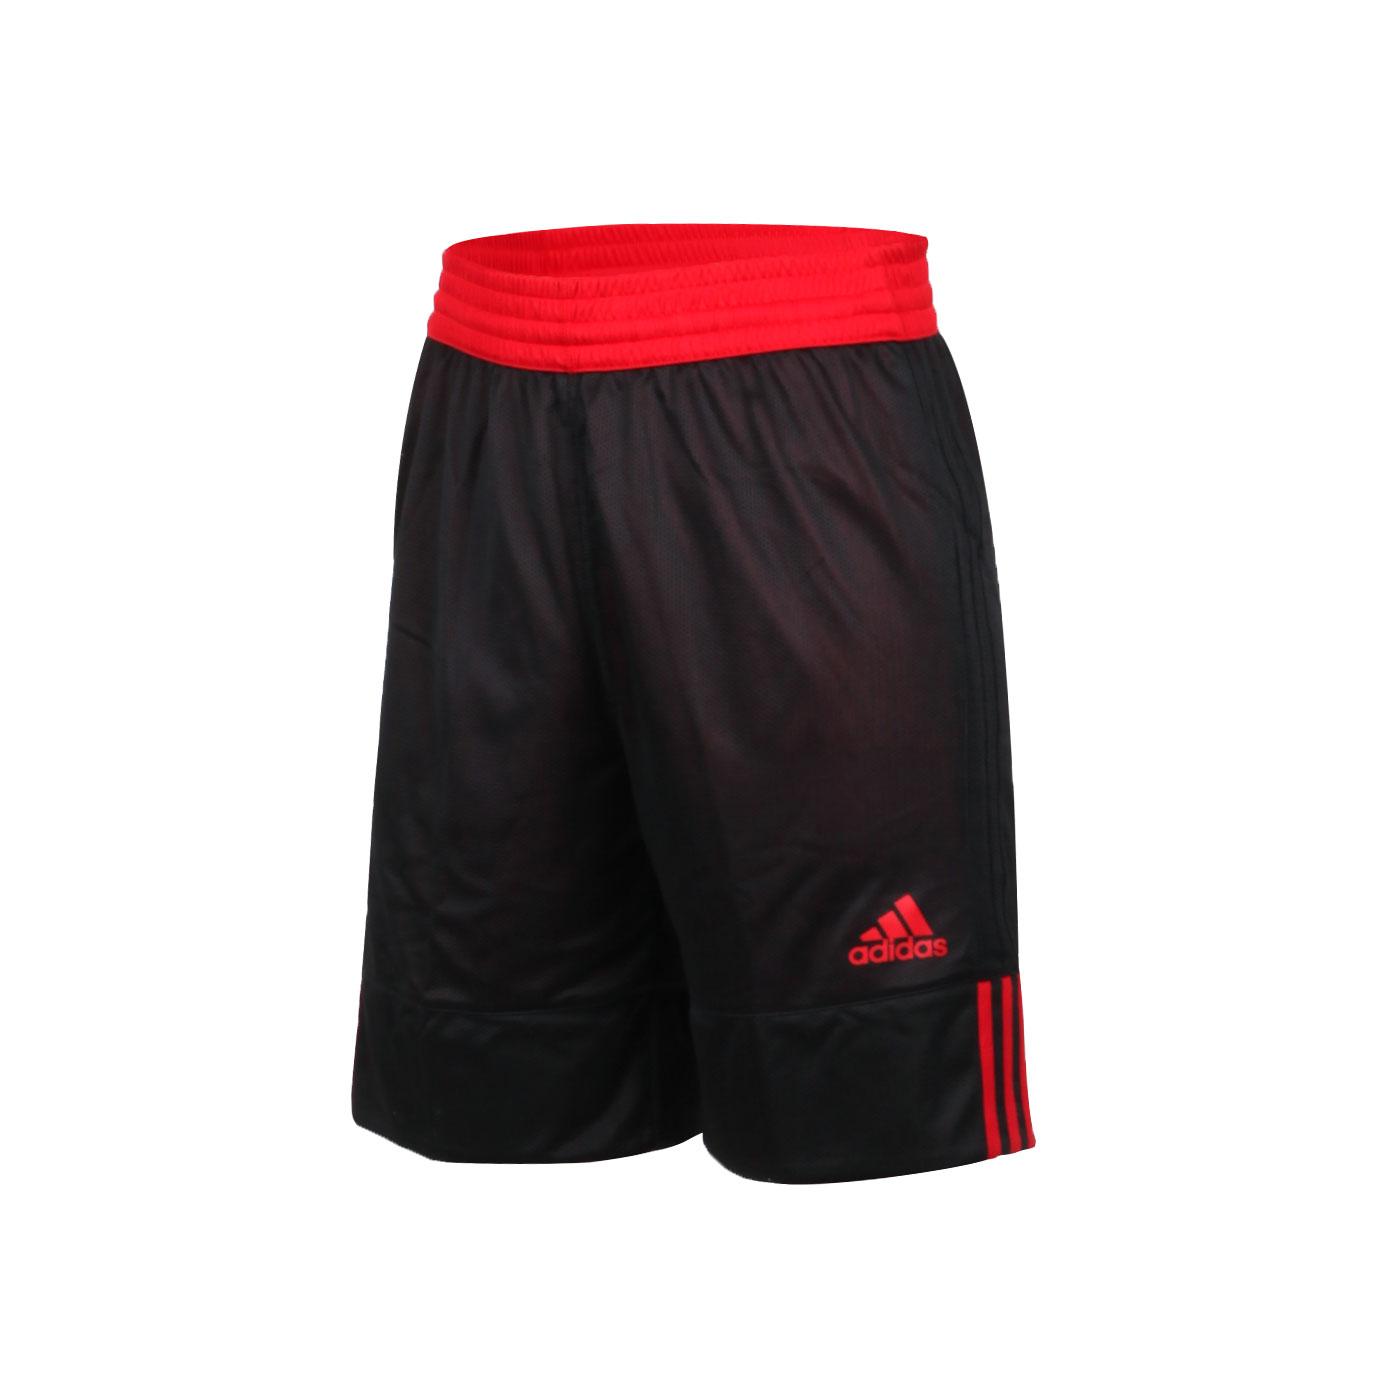 ADIDAS 男款雙面籃球短褲 DX6386 - 黑紅